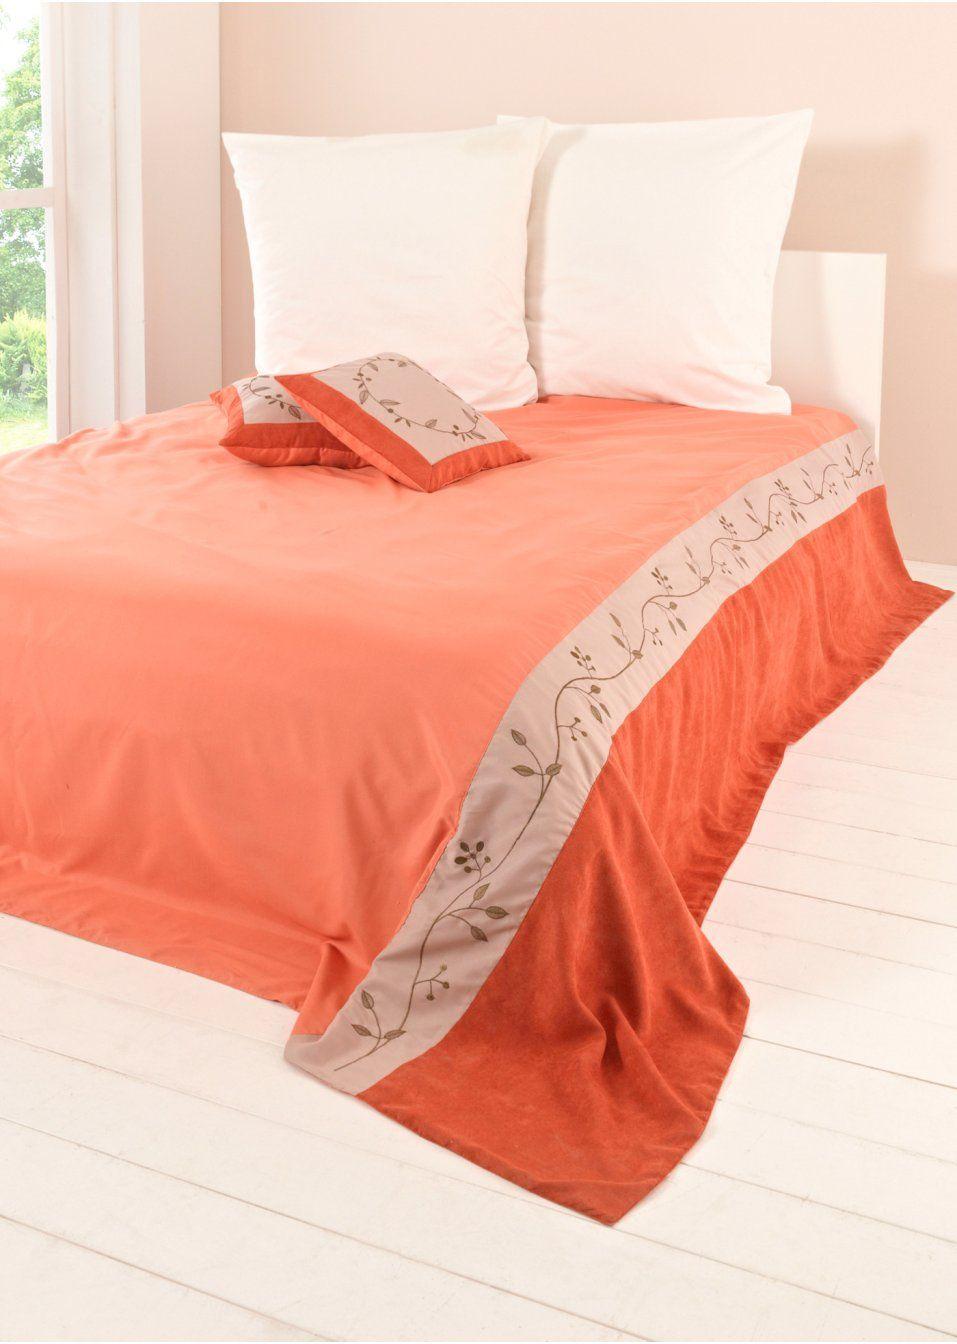 Copripiumino Bonprix.Tunica Con Pizzo Copriletto Trapunta Comforters Blanket Bed